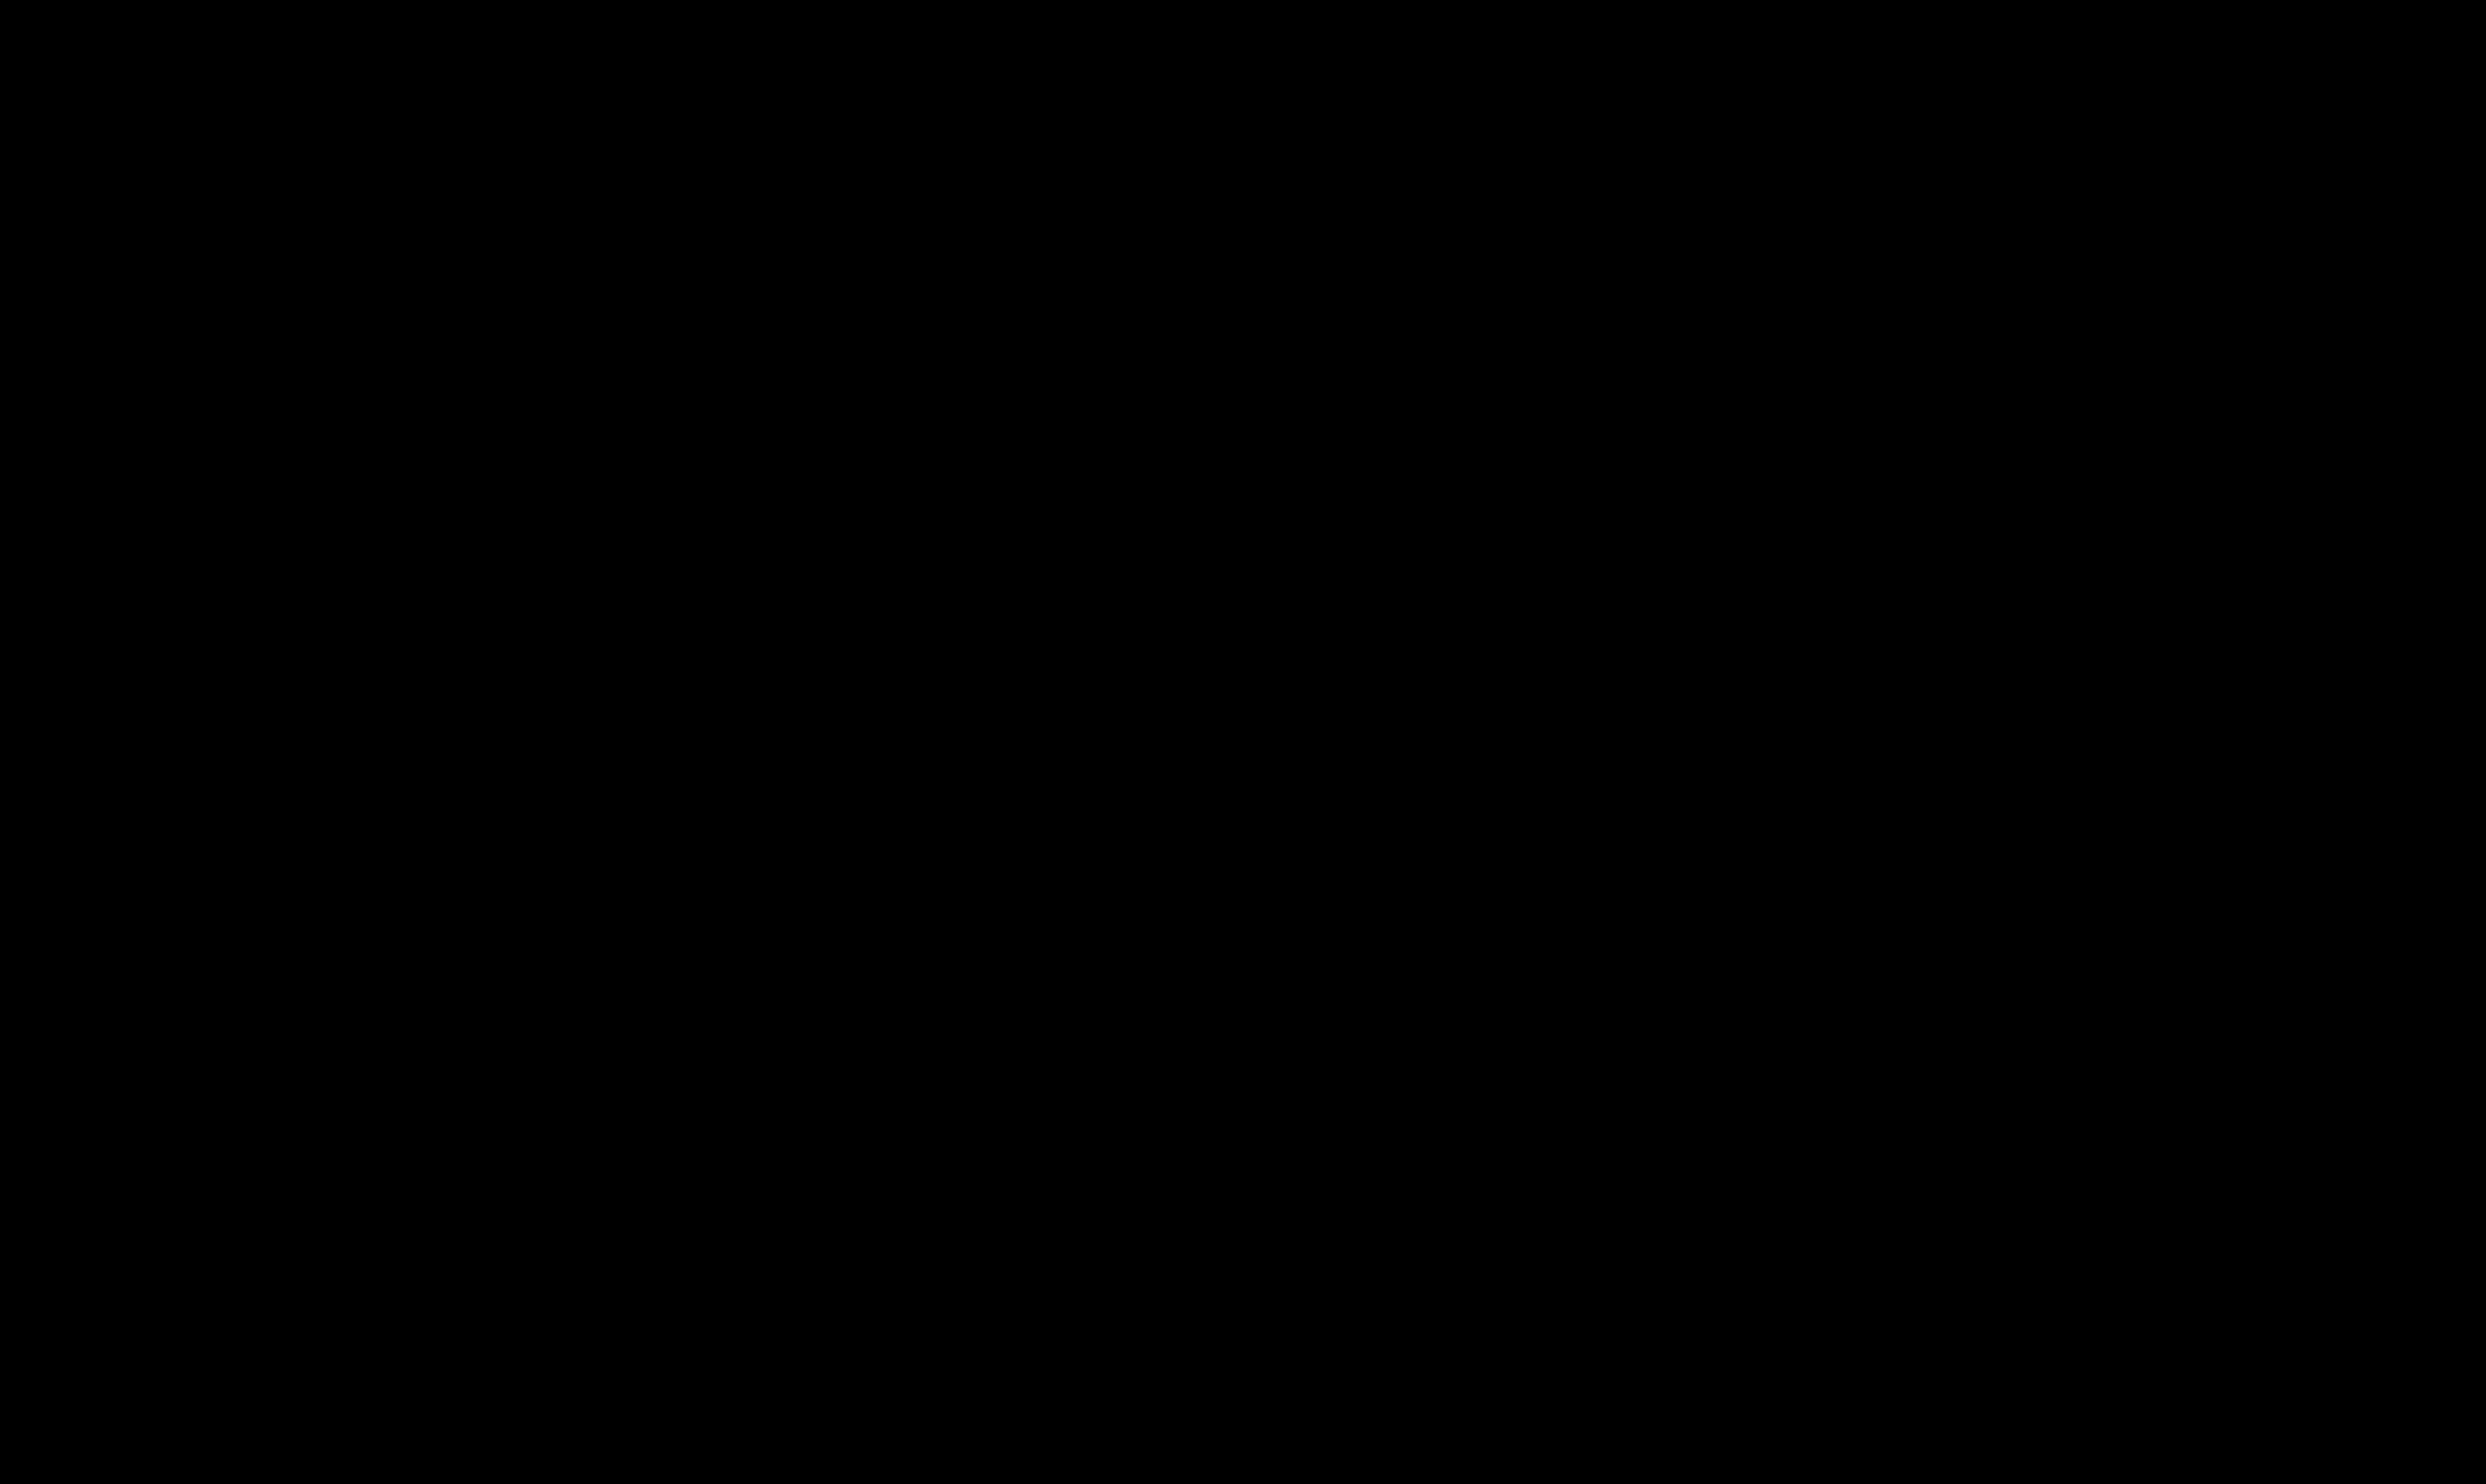 Team Resilience - team work